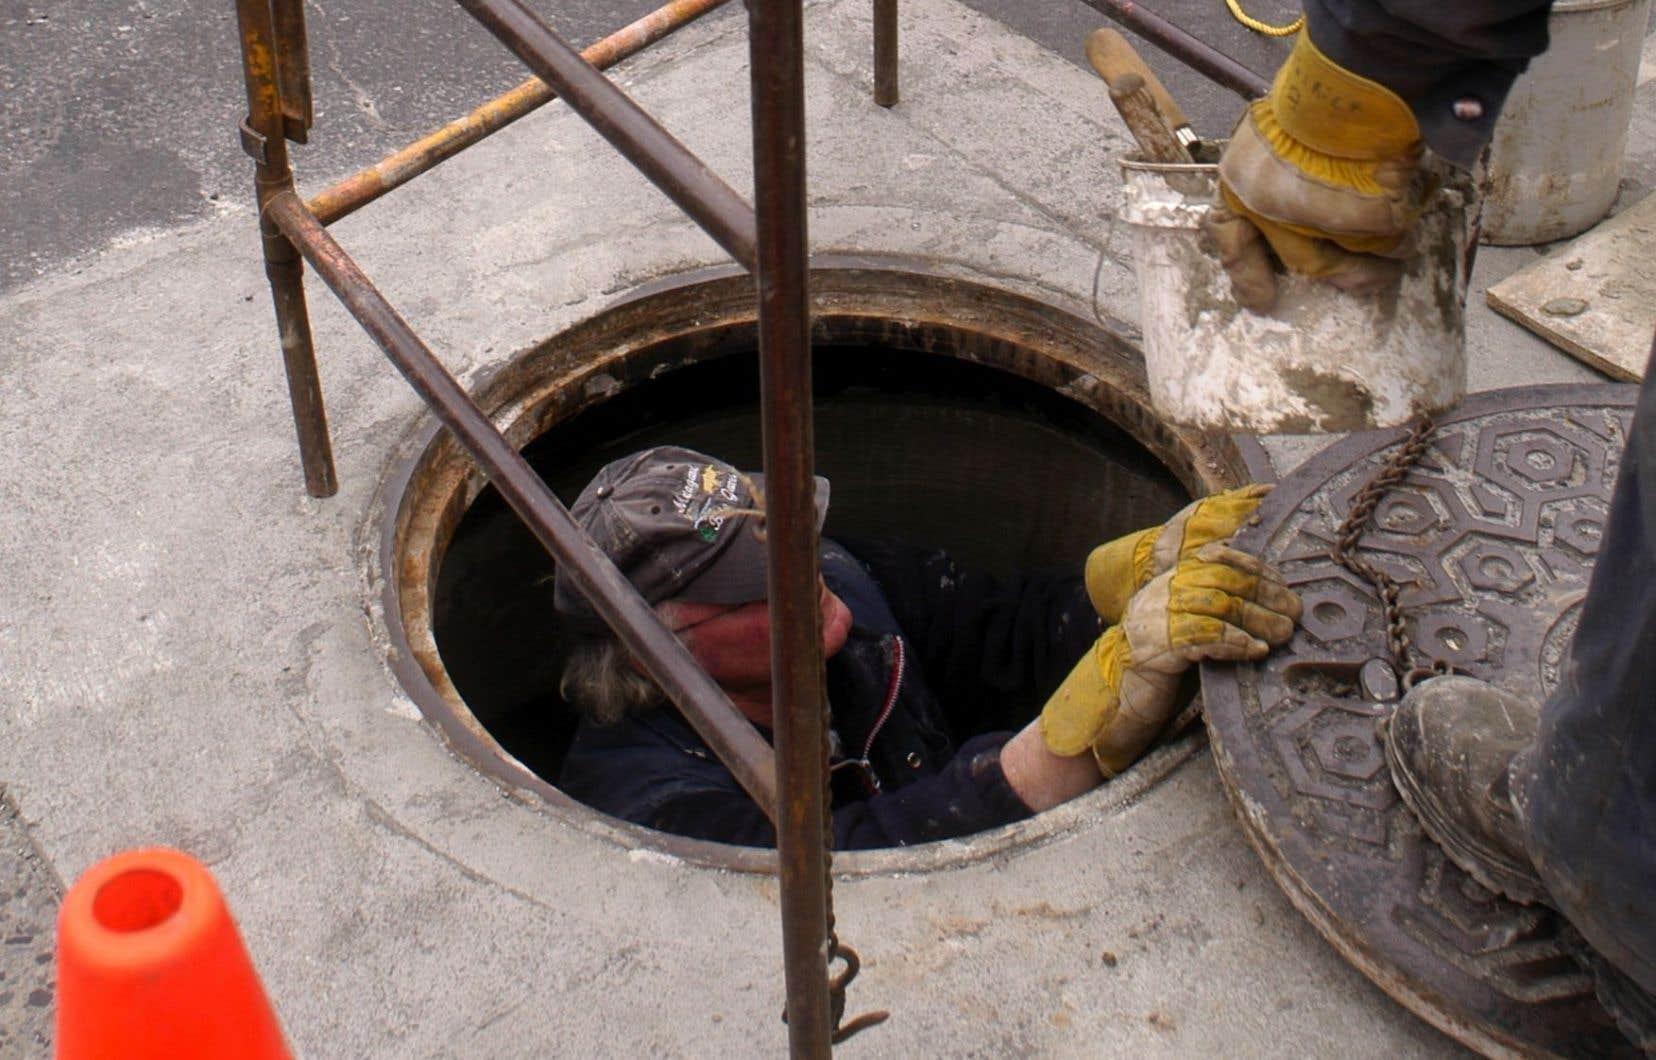 Cette saga avait commencé en 1996 lorsque la Ville avait octroyé un contrat à Experts-conseils RB pour la gestion du chantier de construction d'un nouveau réseau d'égouts.